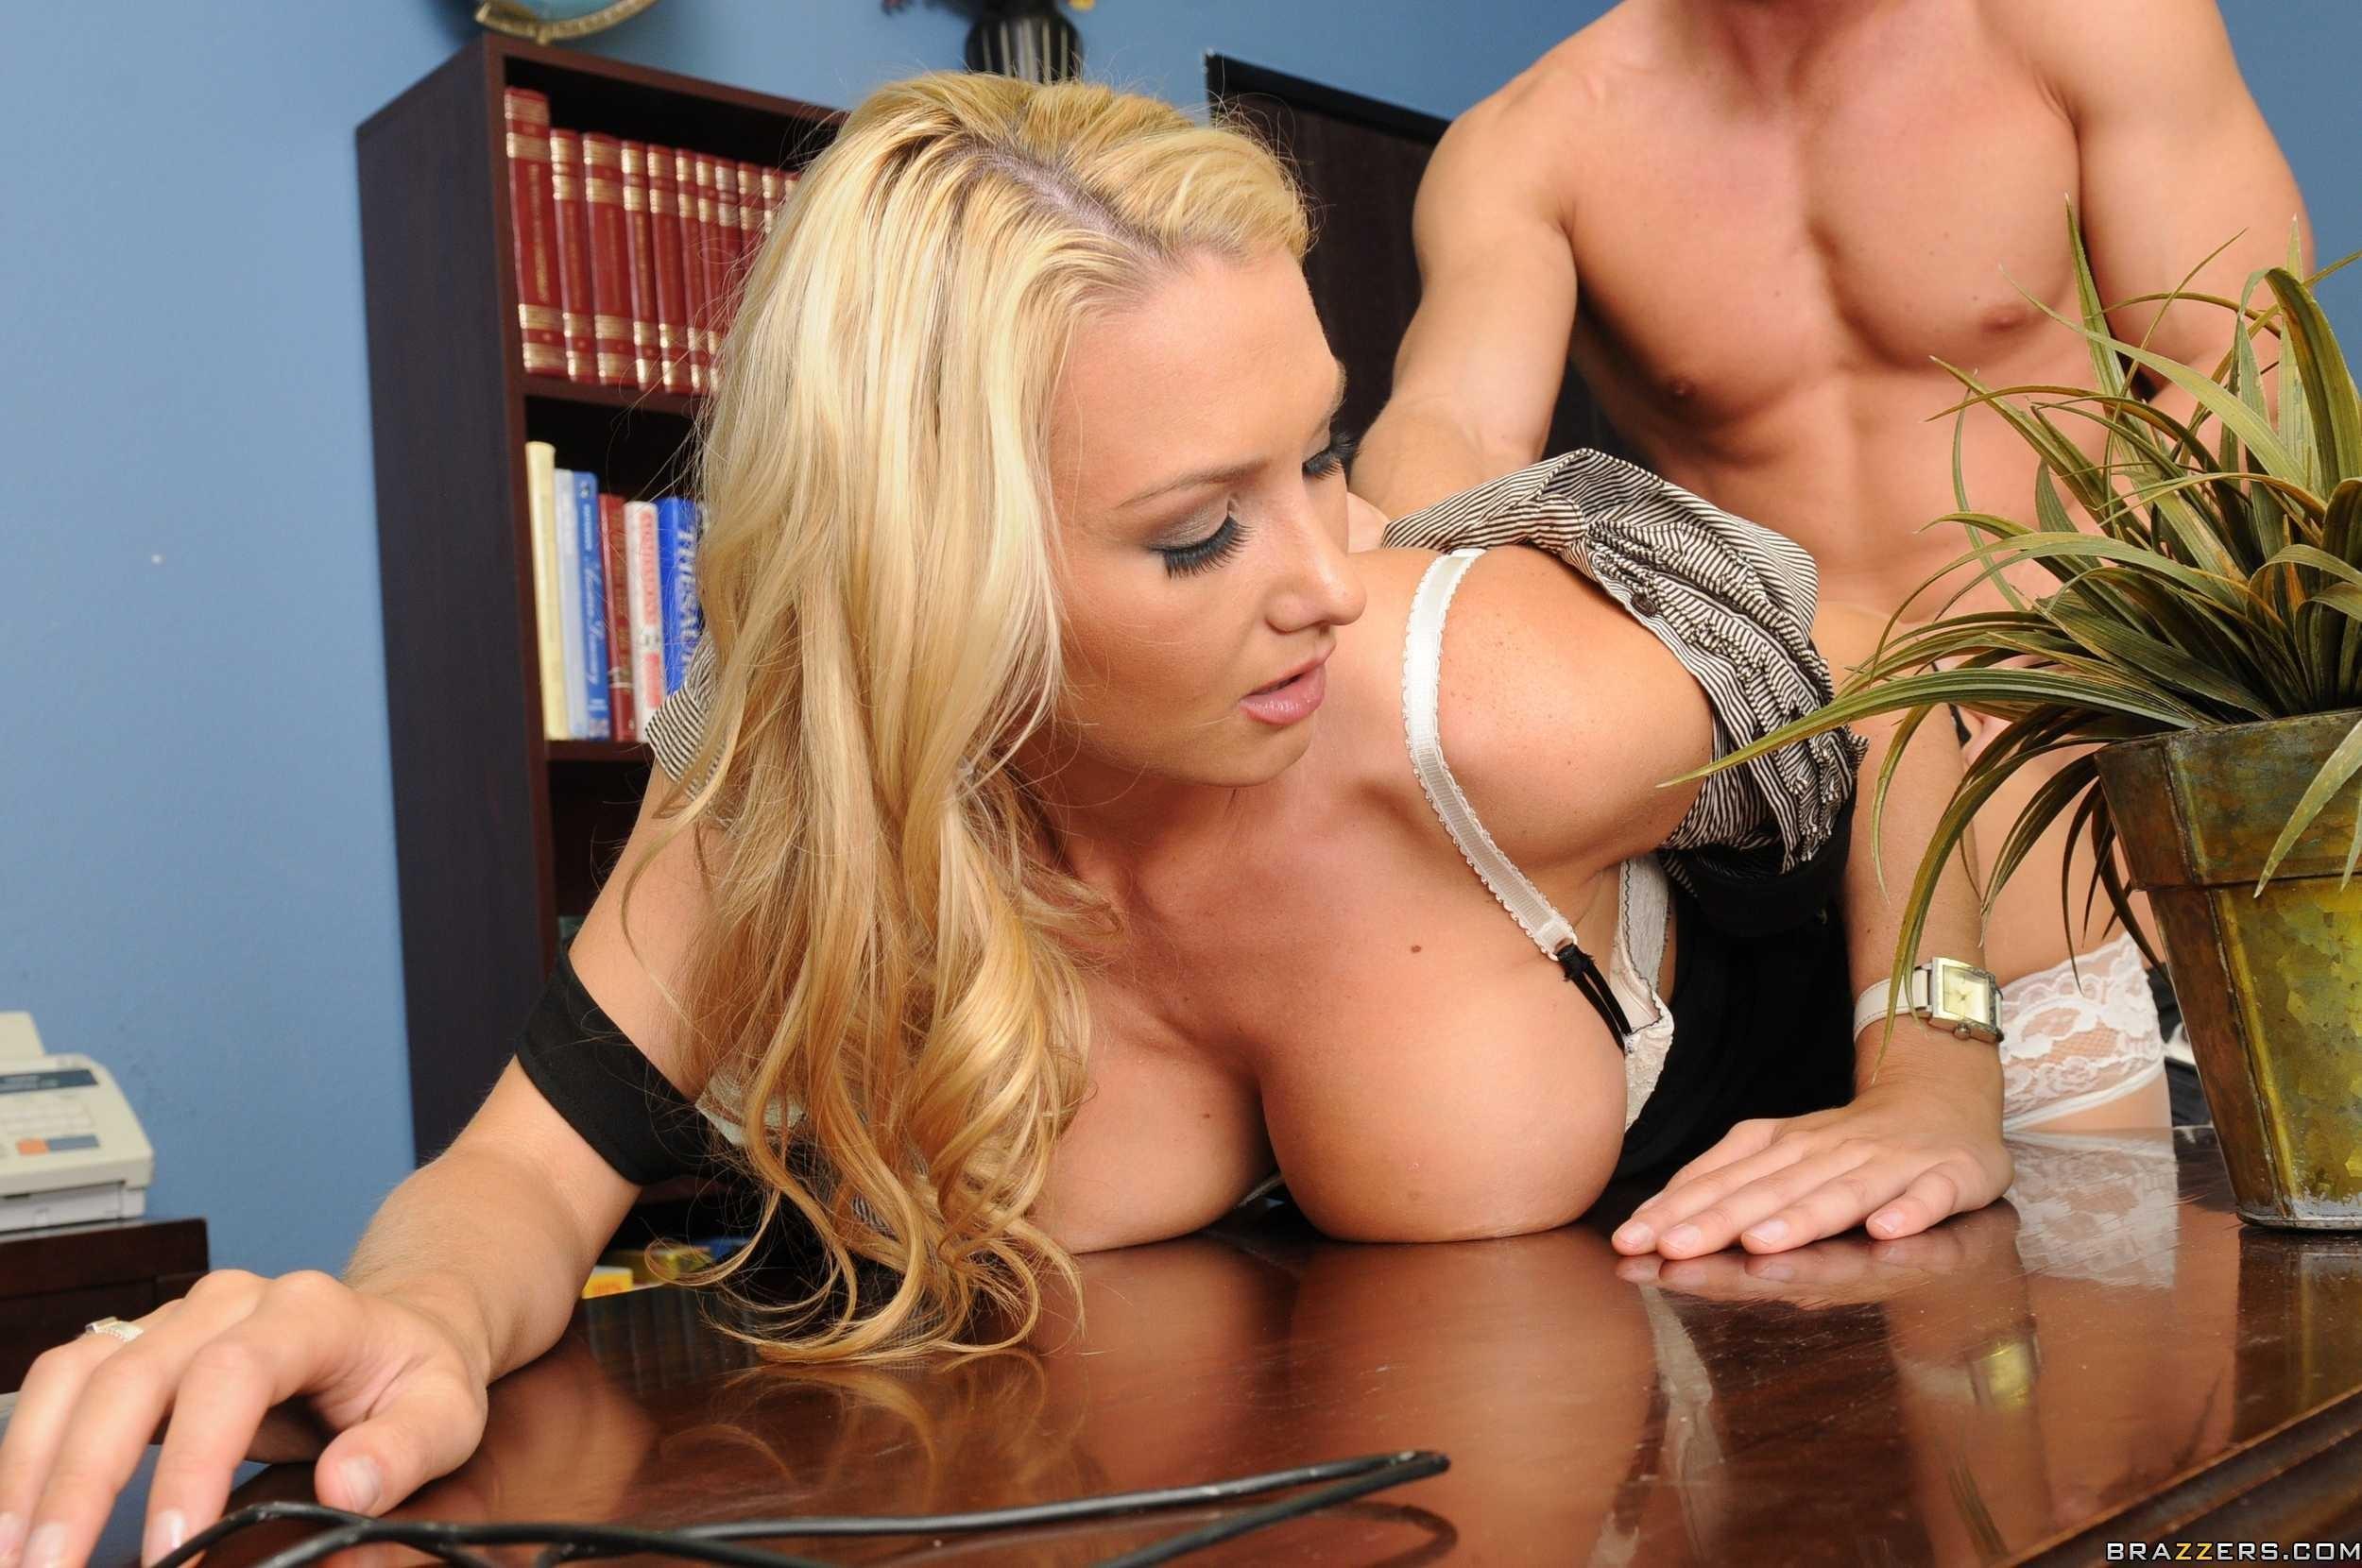 Порноактриса секс в офисе секретарша большие сиськи и зад картинки фото блядей пригласить